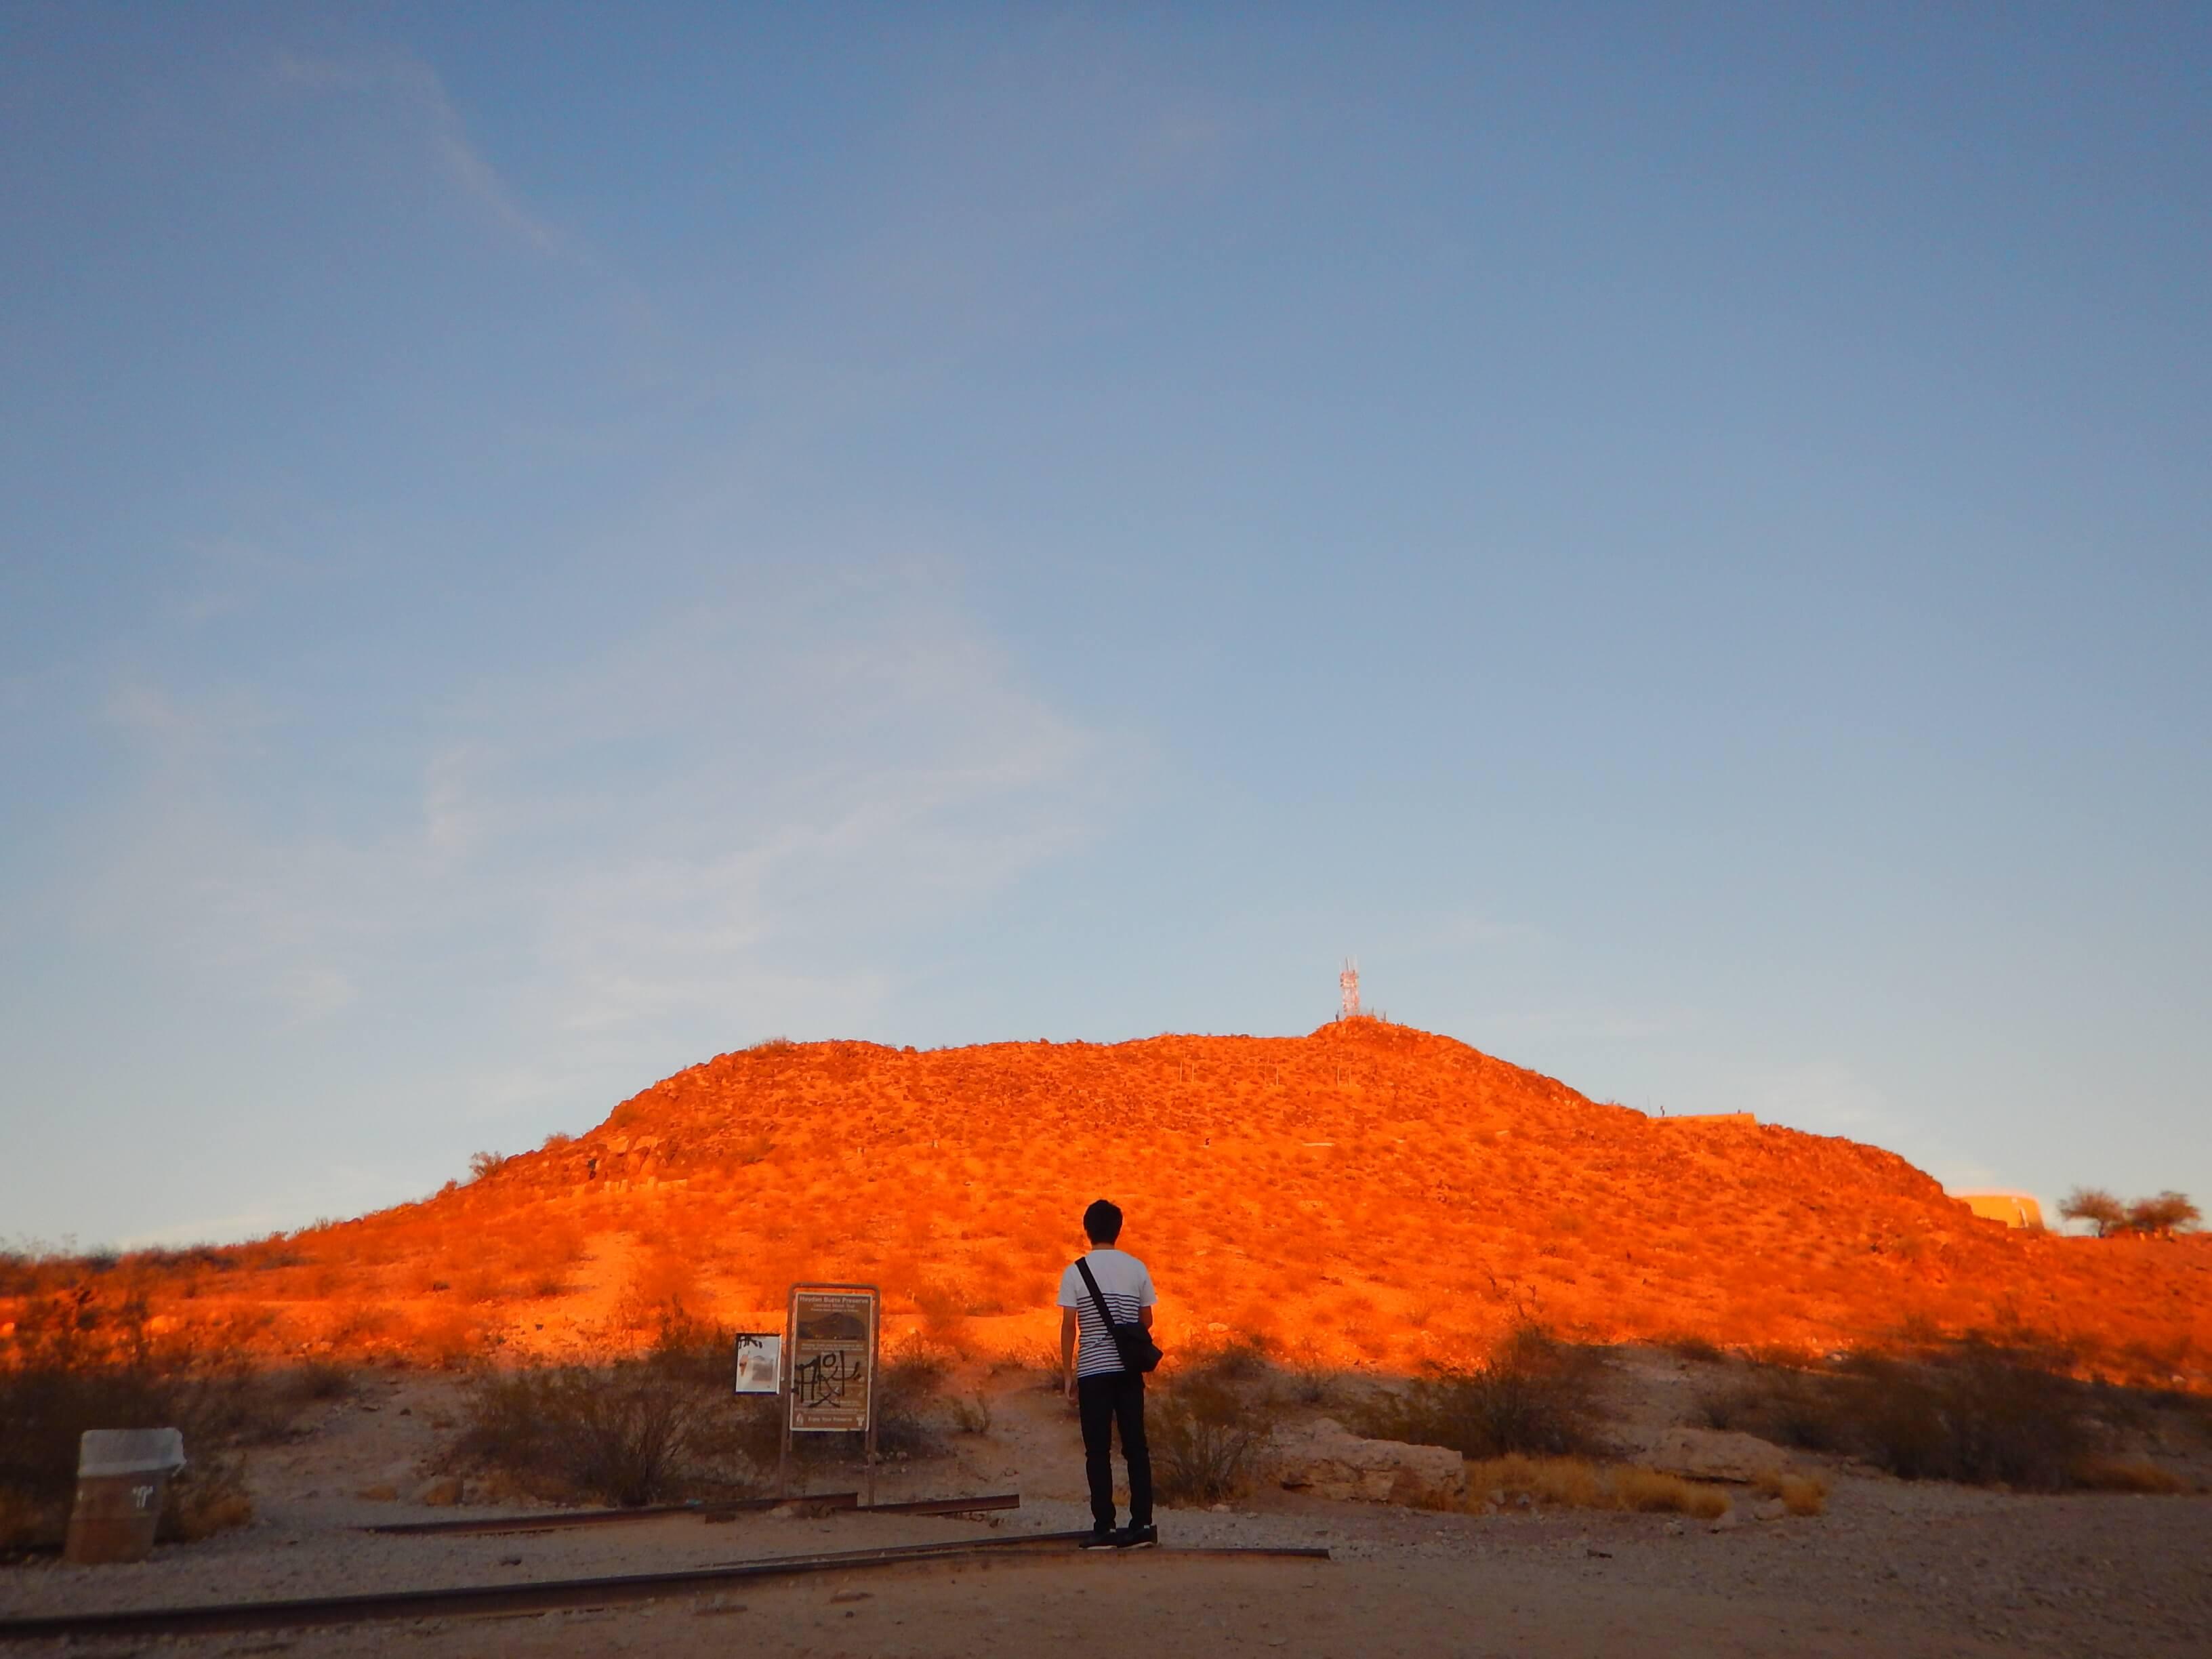 2017アメリカ旅行記(AZ・フェニックス)